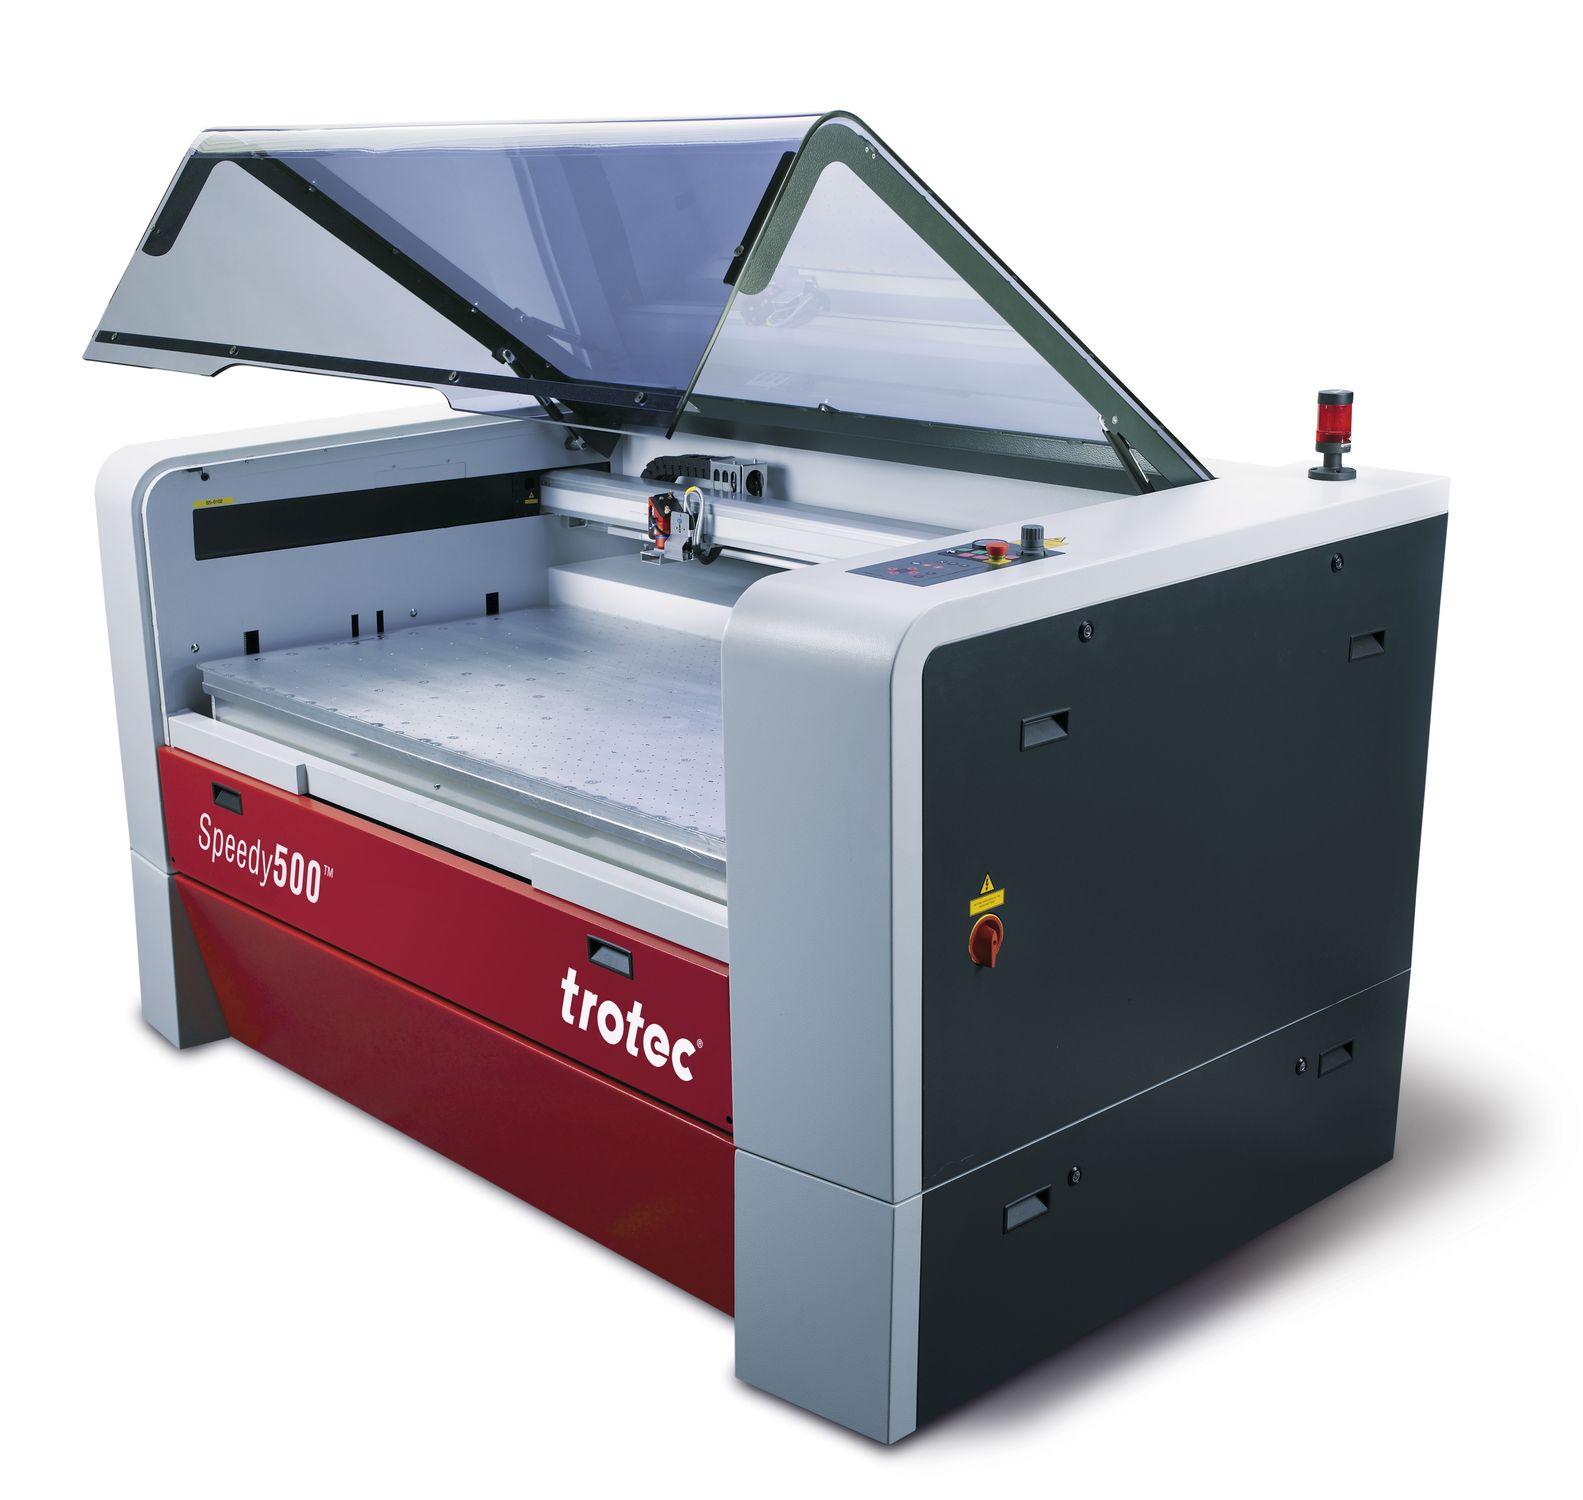 Laser Cutting Services - Walker Models